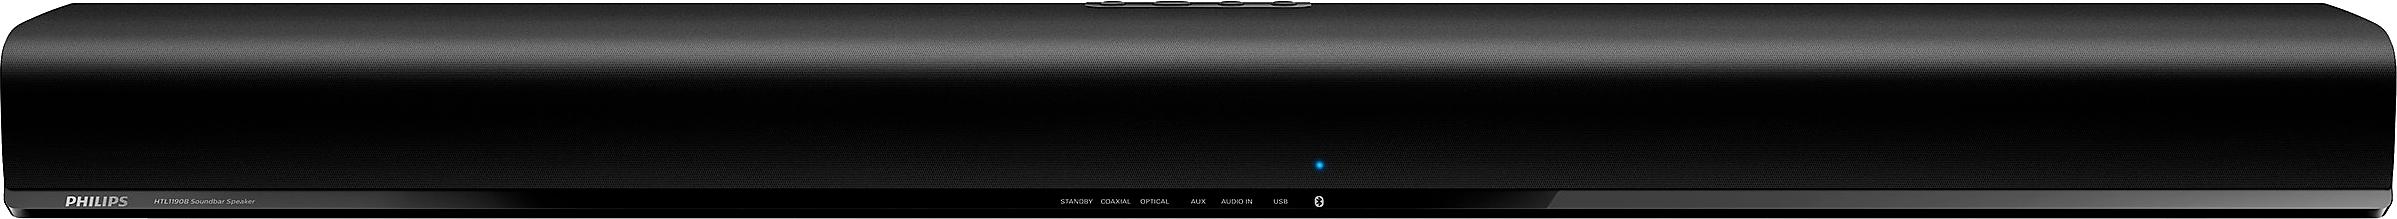 Philips HTL1190B Soundbar voordelig en veilig online kopen